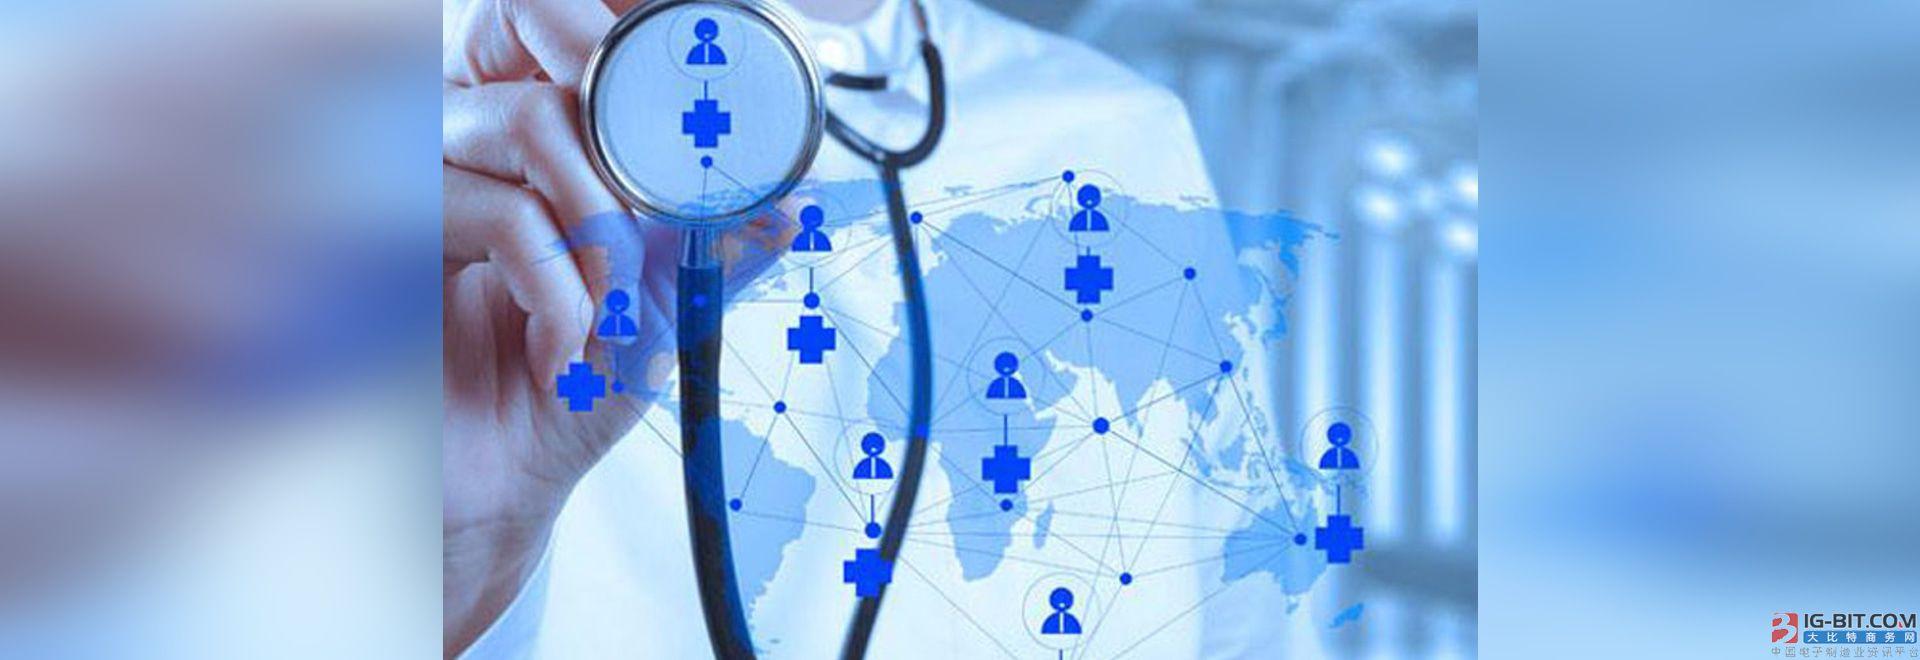 人工智能是如何推動醫療行業的發展